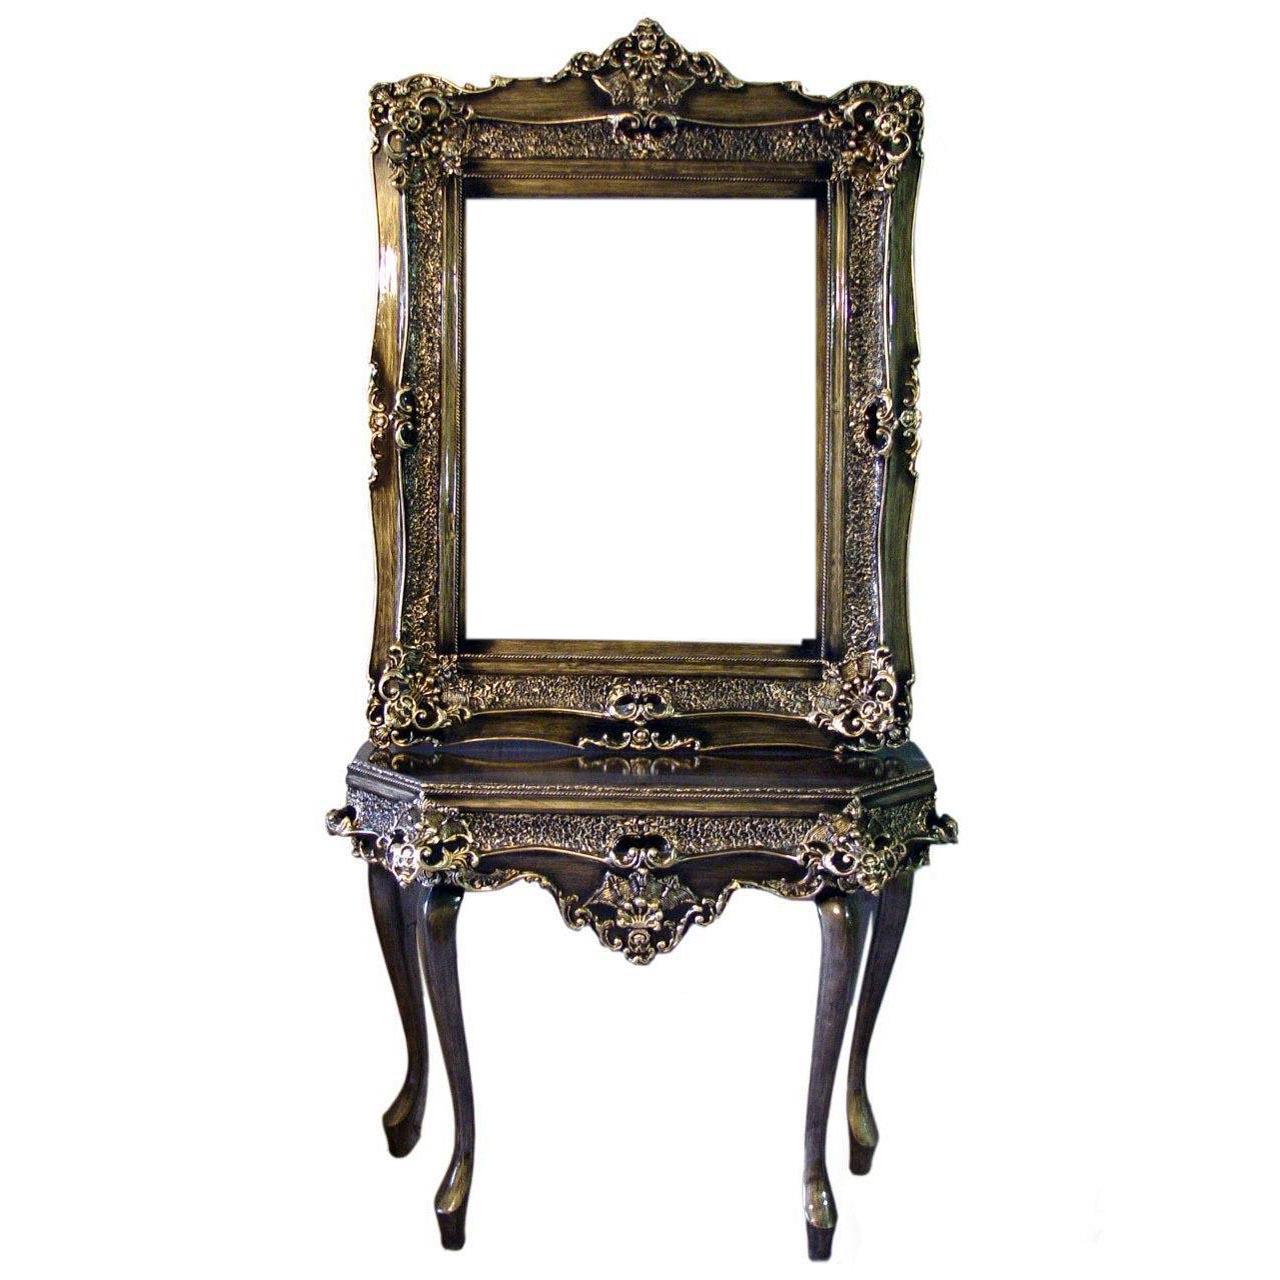 آینه و کنسول  کد 3113332